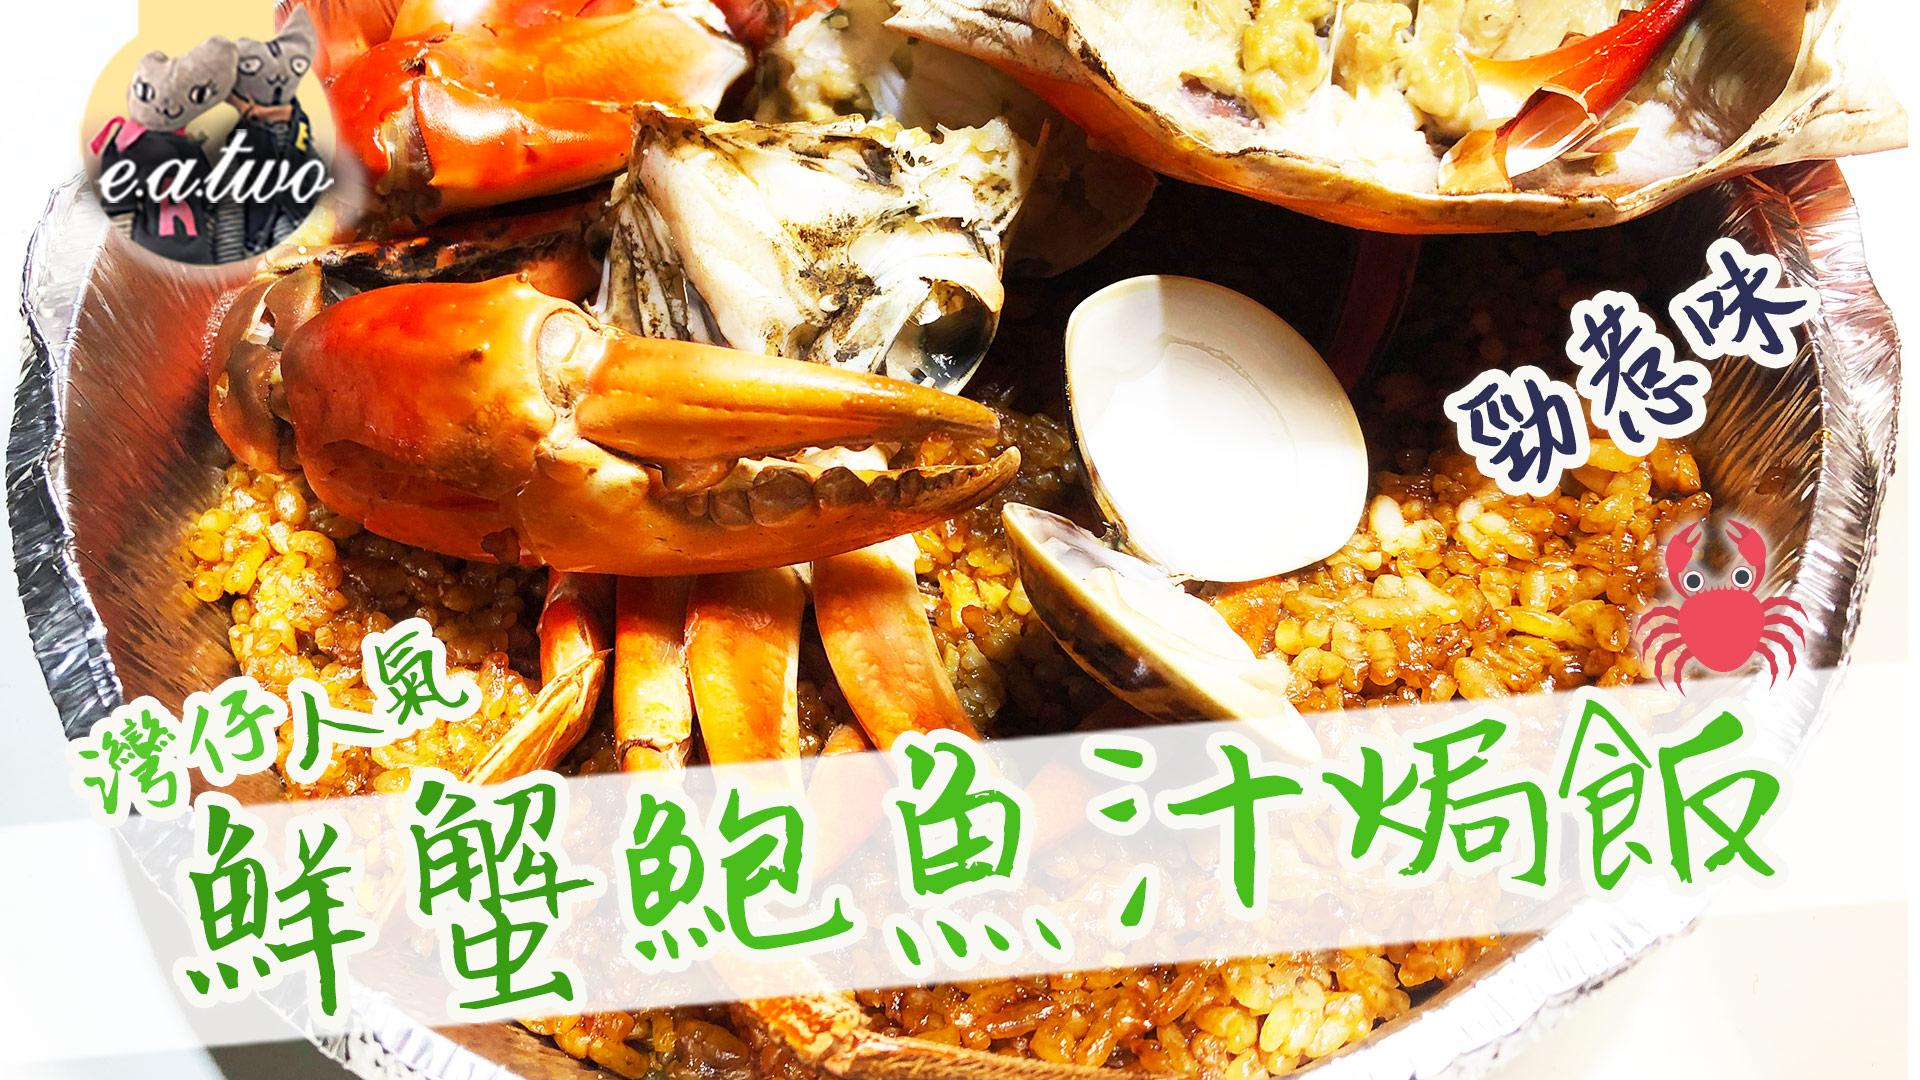 Misu Seafood Cuisine 外賣自取 (灣仔) 人氣鮑魚汁蟹飯極惹味 外賣仲係暖笠笠【按圖睇片】